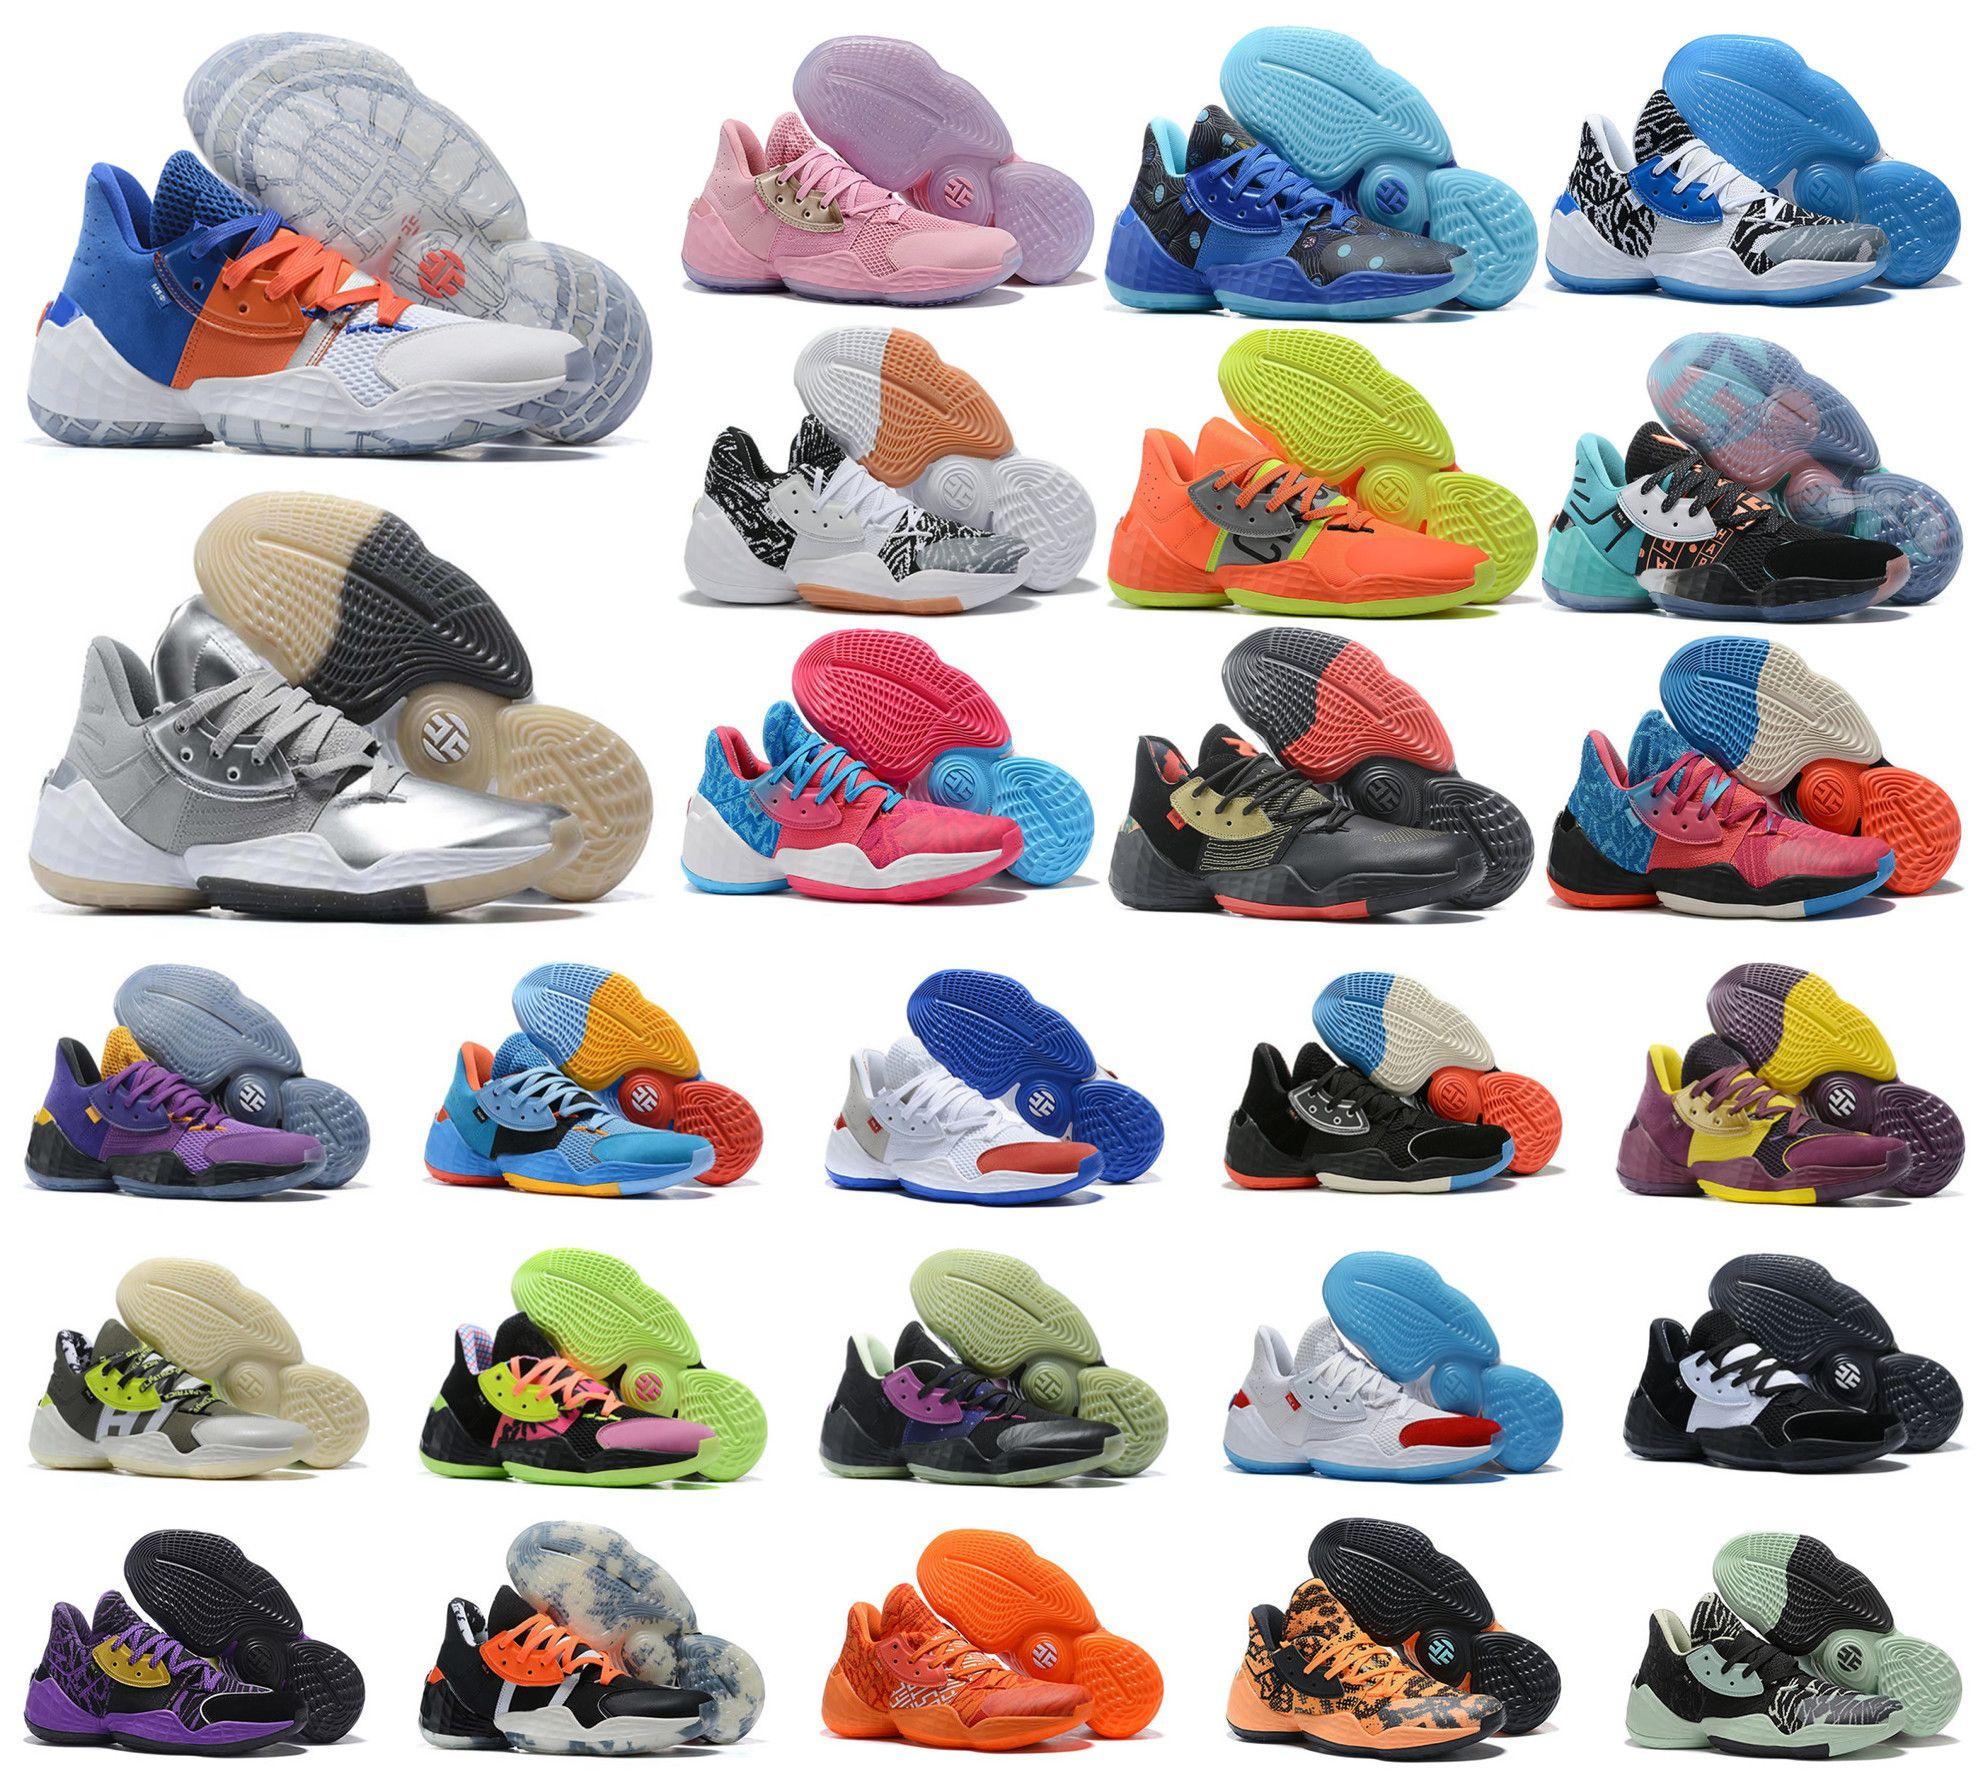 2020 새로운 제임스하든 4 권. 4 개 4S IV MVP 블랙 소년 남성 농구 신발 야외 스포츠 교육 운동화 크기 40-46